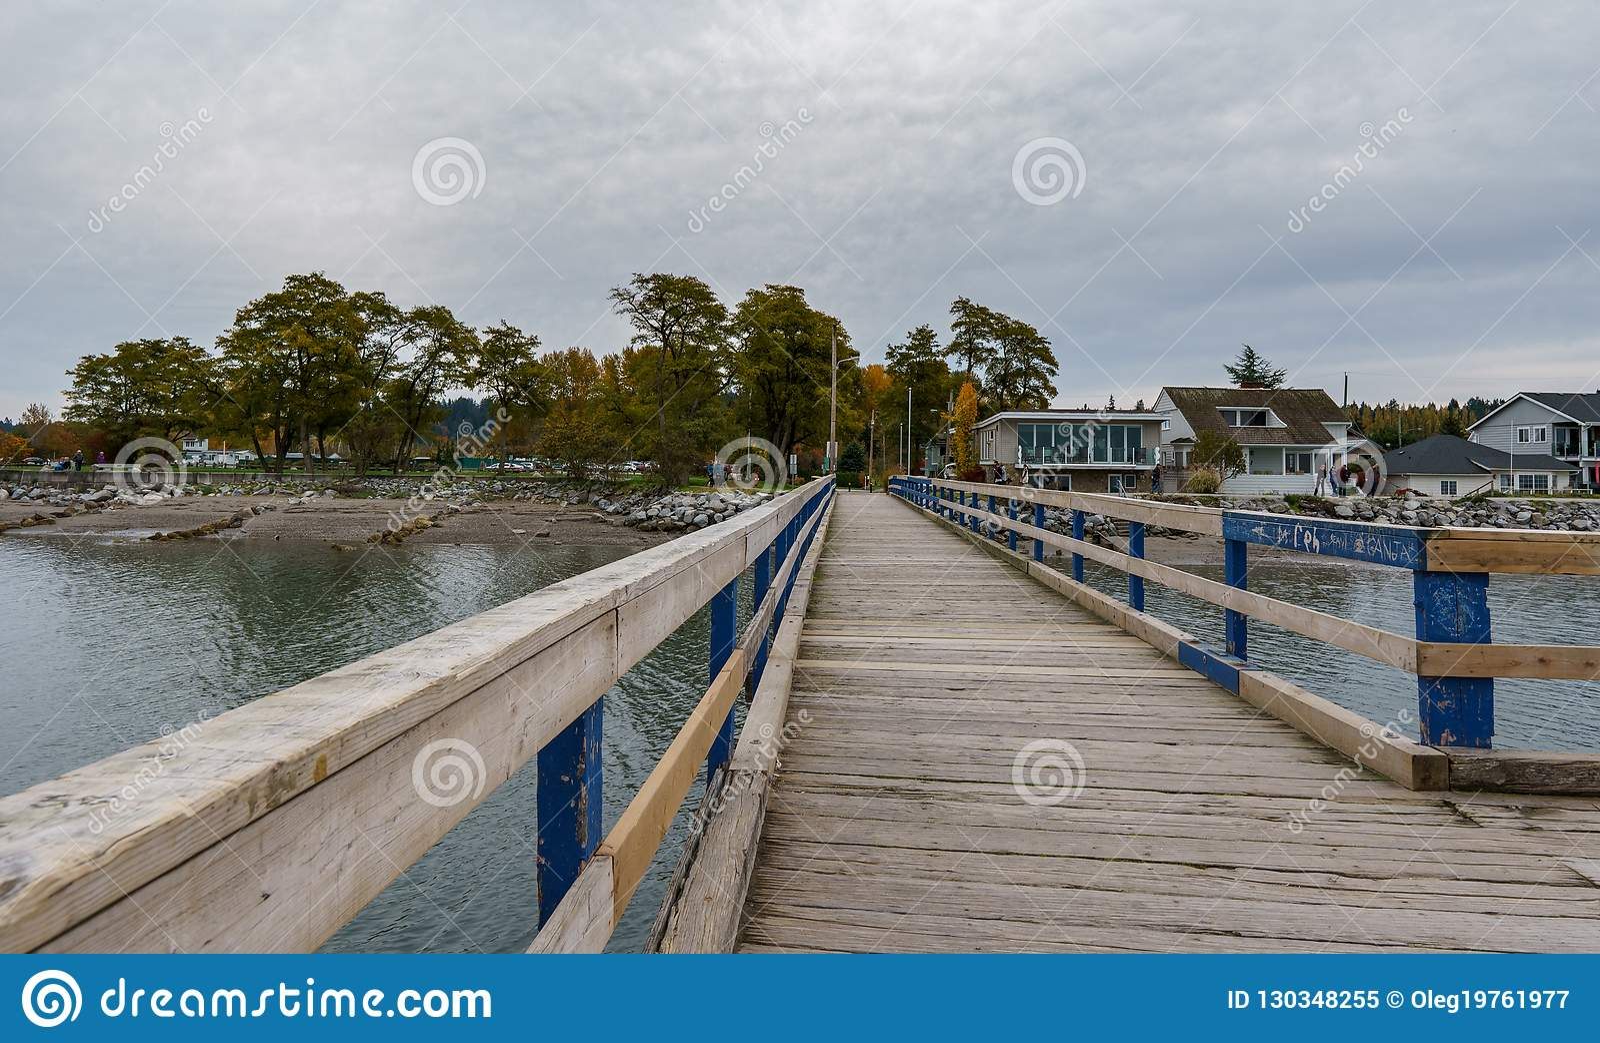 SURREY, CANADÁ - 27 de octubre de 2018: Área del parque de Crescent Beach Pier Blackie Spit en la bahía del límite